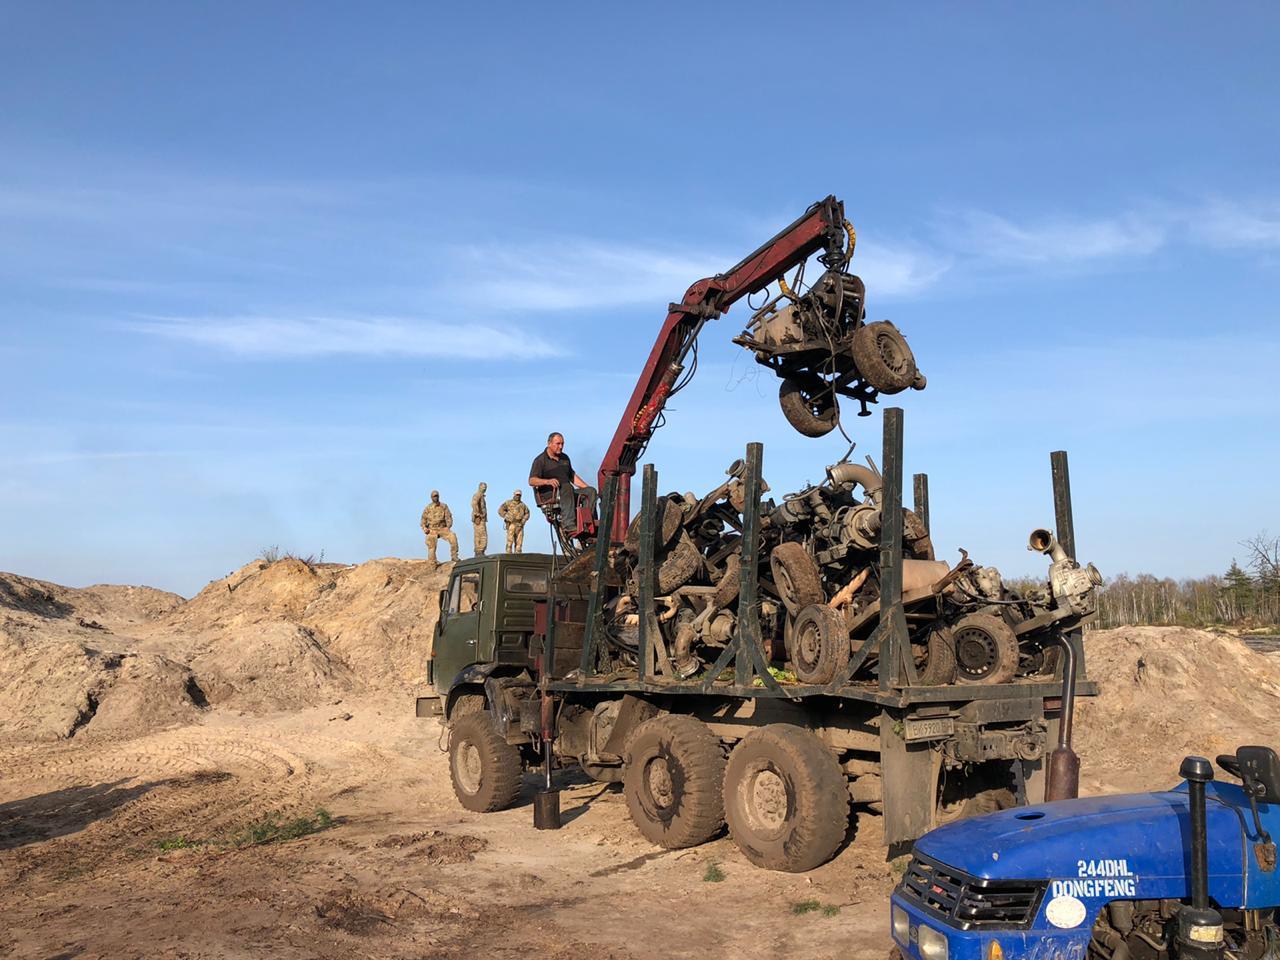 Вилучили понад 20 кг каменю: на Рівненщині викрили незаконний видобуток бурштину